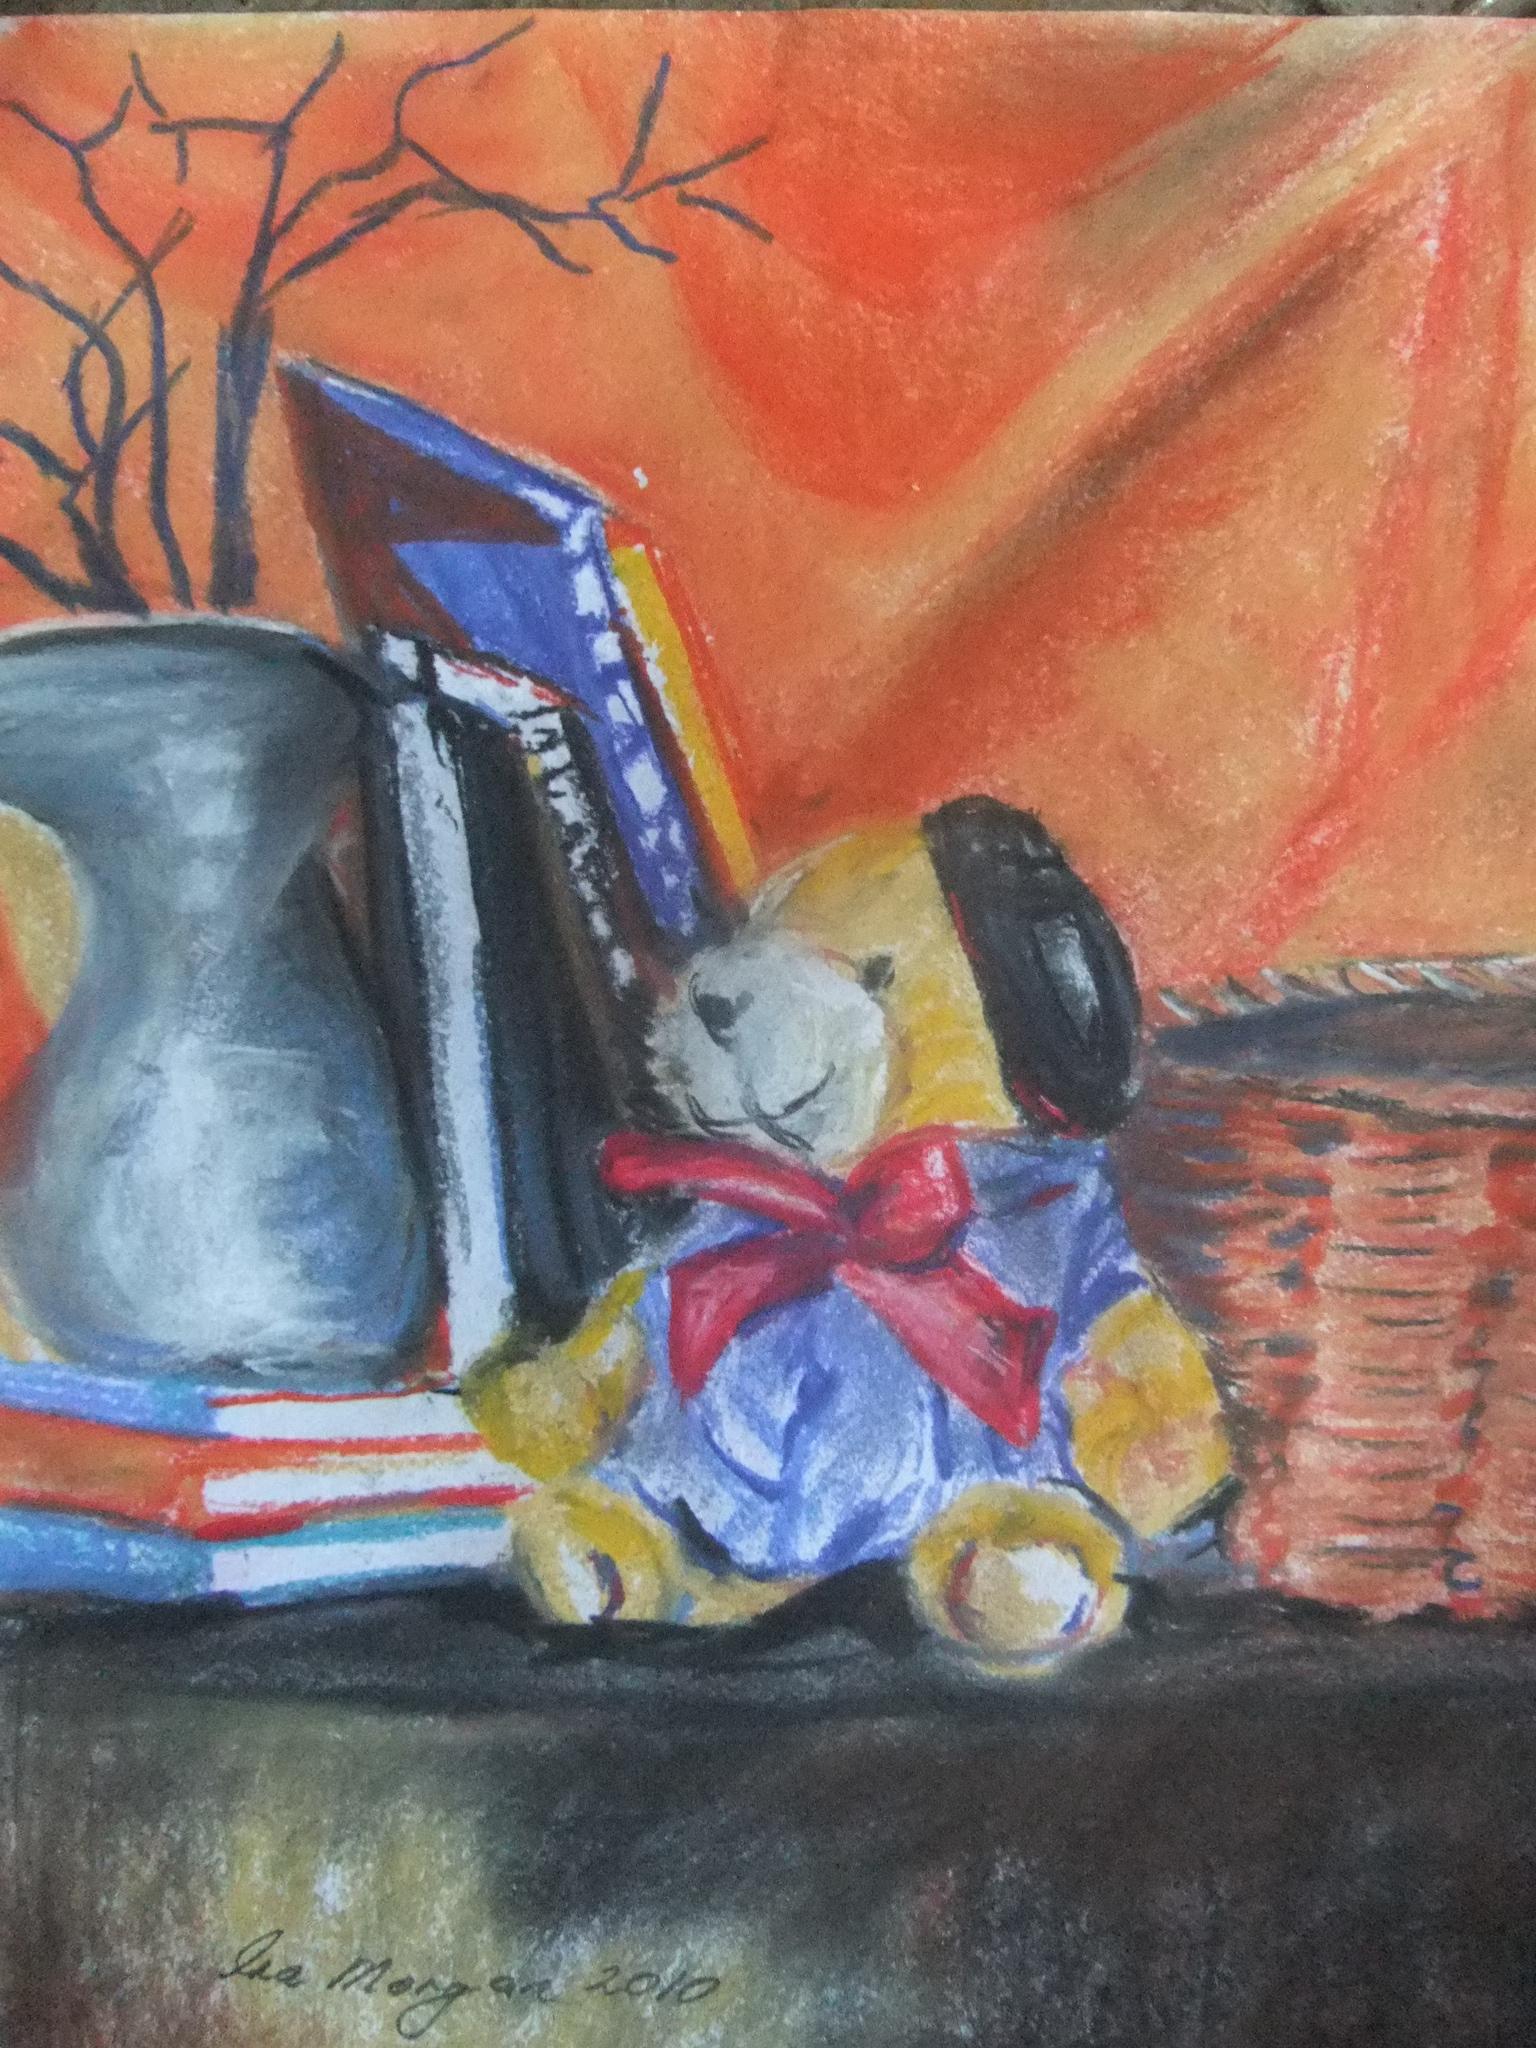 149. ' Teddy on shelf'